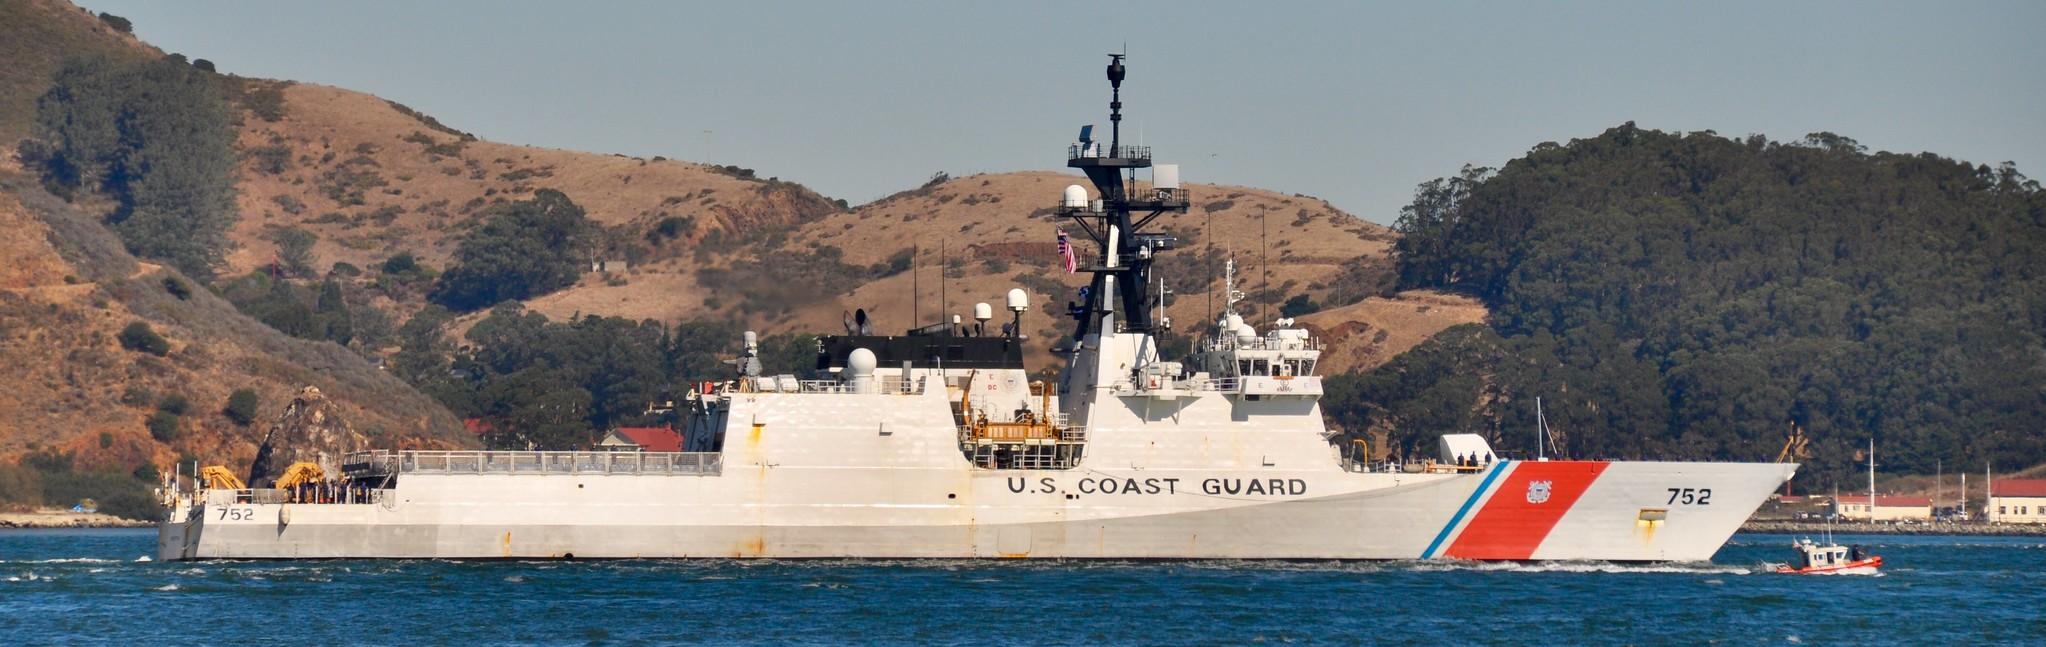 U. S. Coast Guard (garde-côtes des États-Unis) - Page 2 37977113461_b7847606f3_k